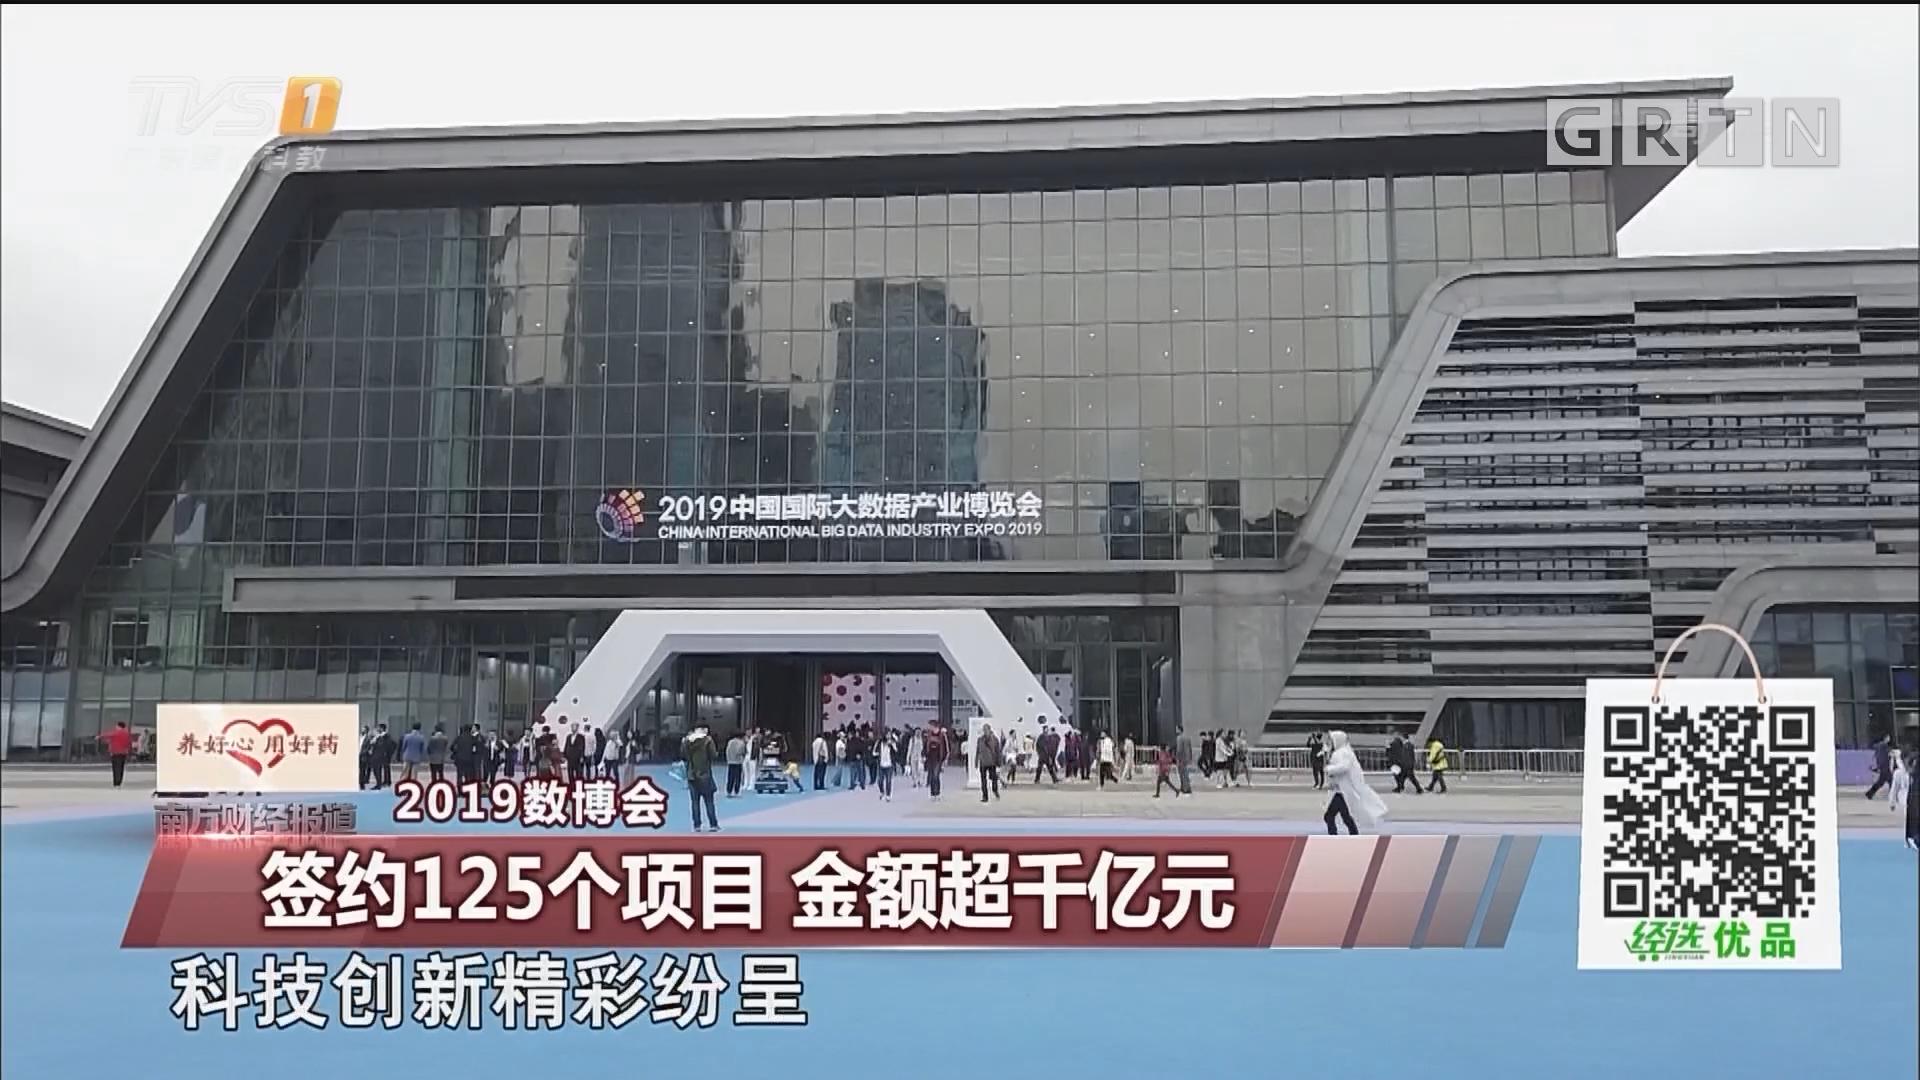 2019数博会:签约125个项目 金额超千亿元